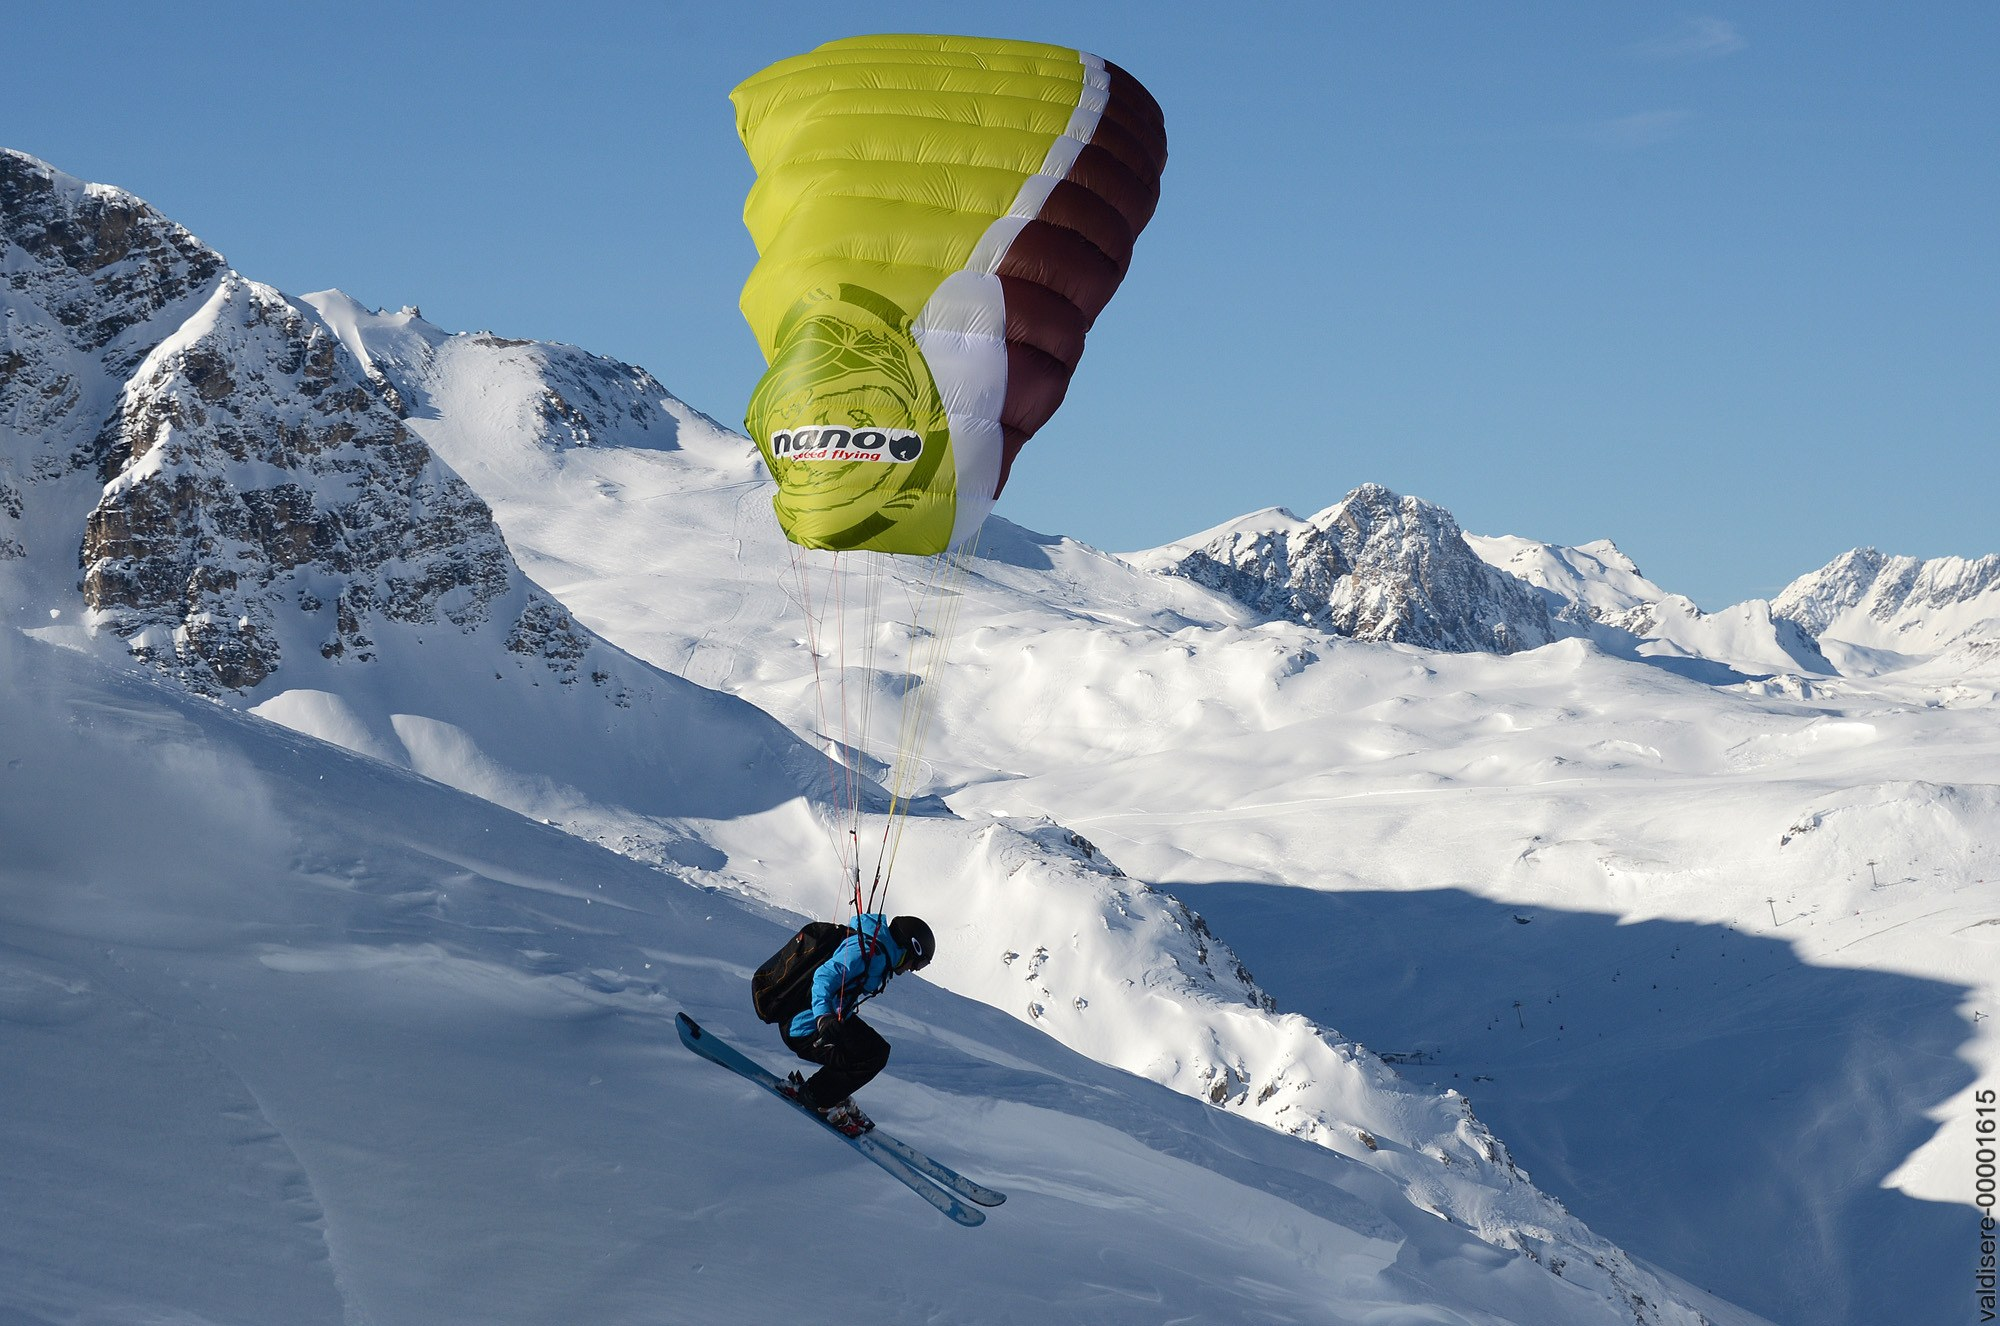 Parepente - ski parapente - Val d'isère